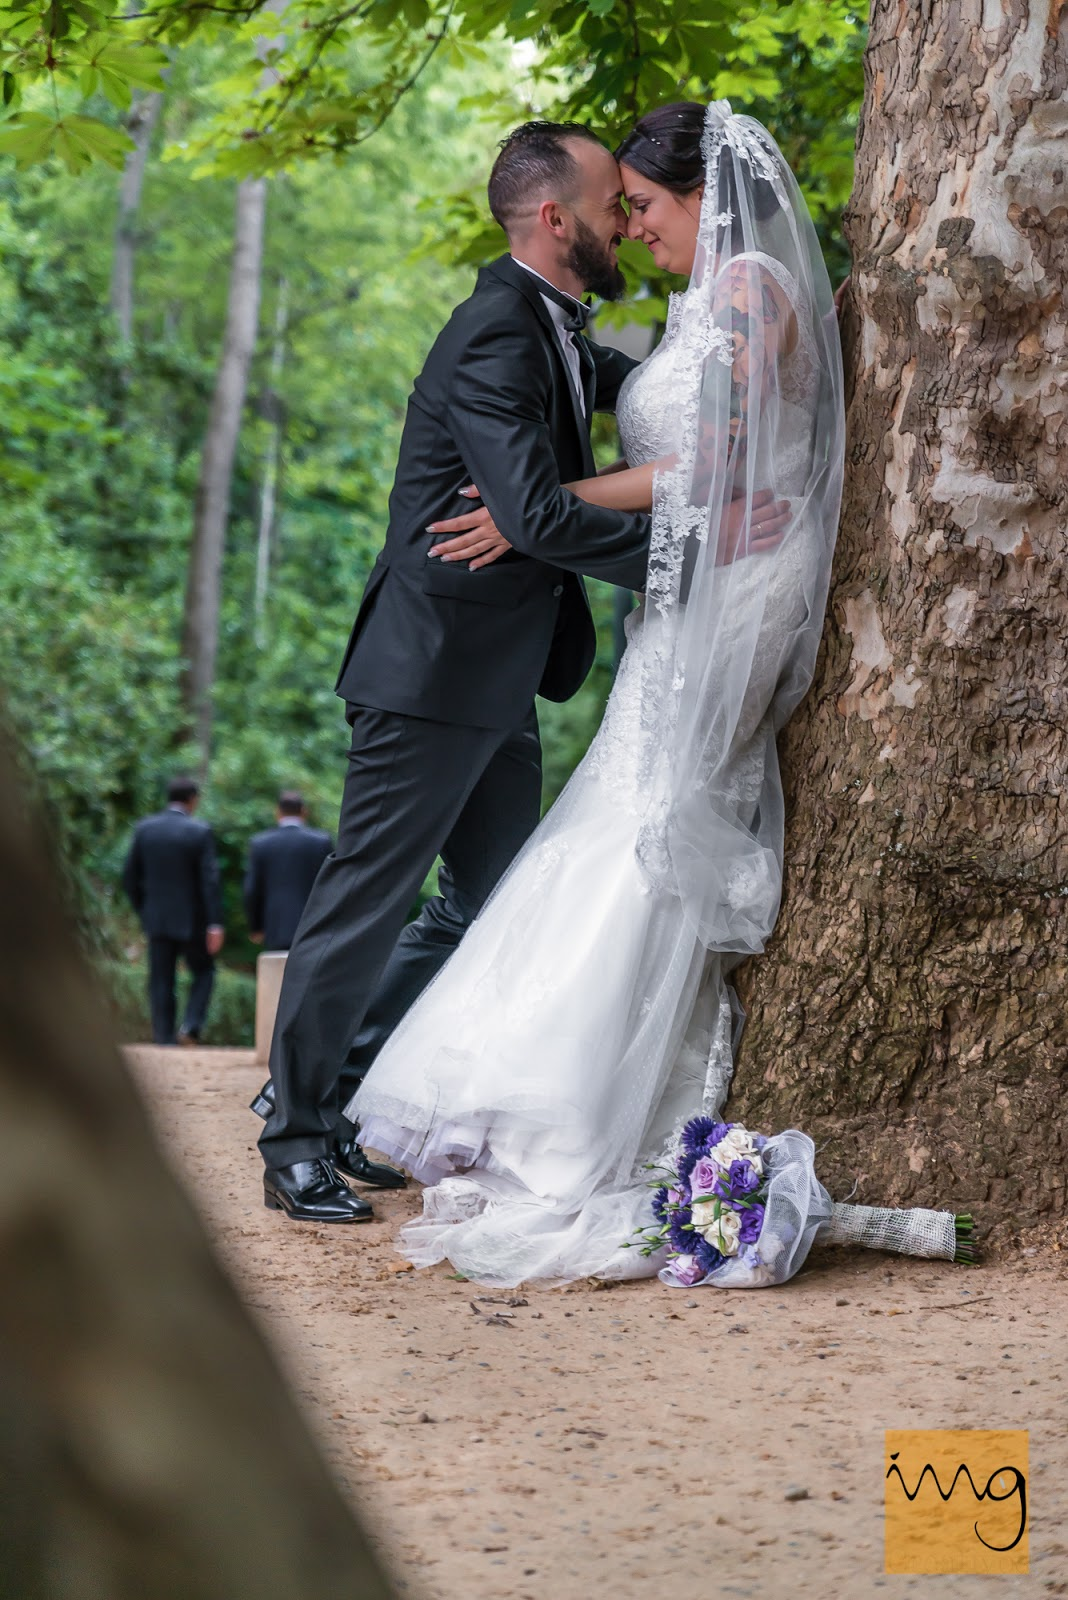 Fotografía amorosa de los recién casados